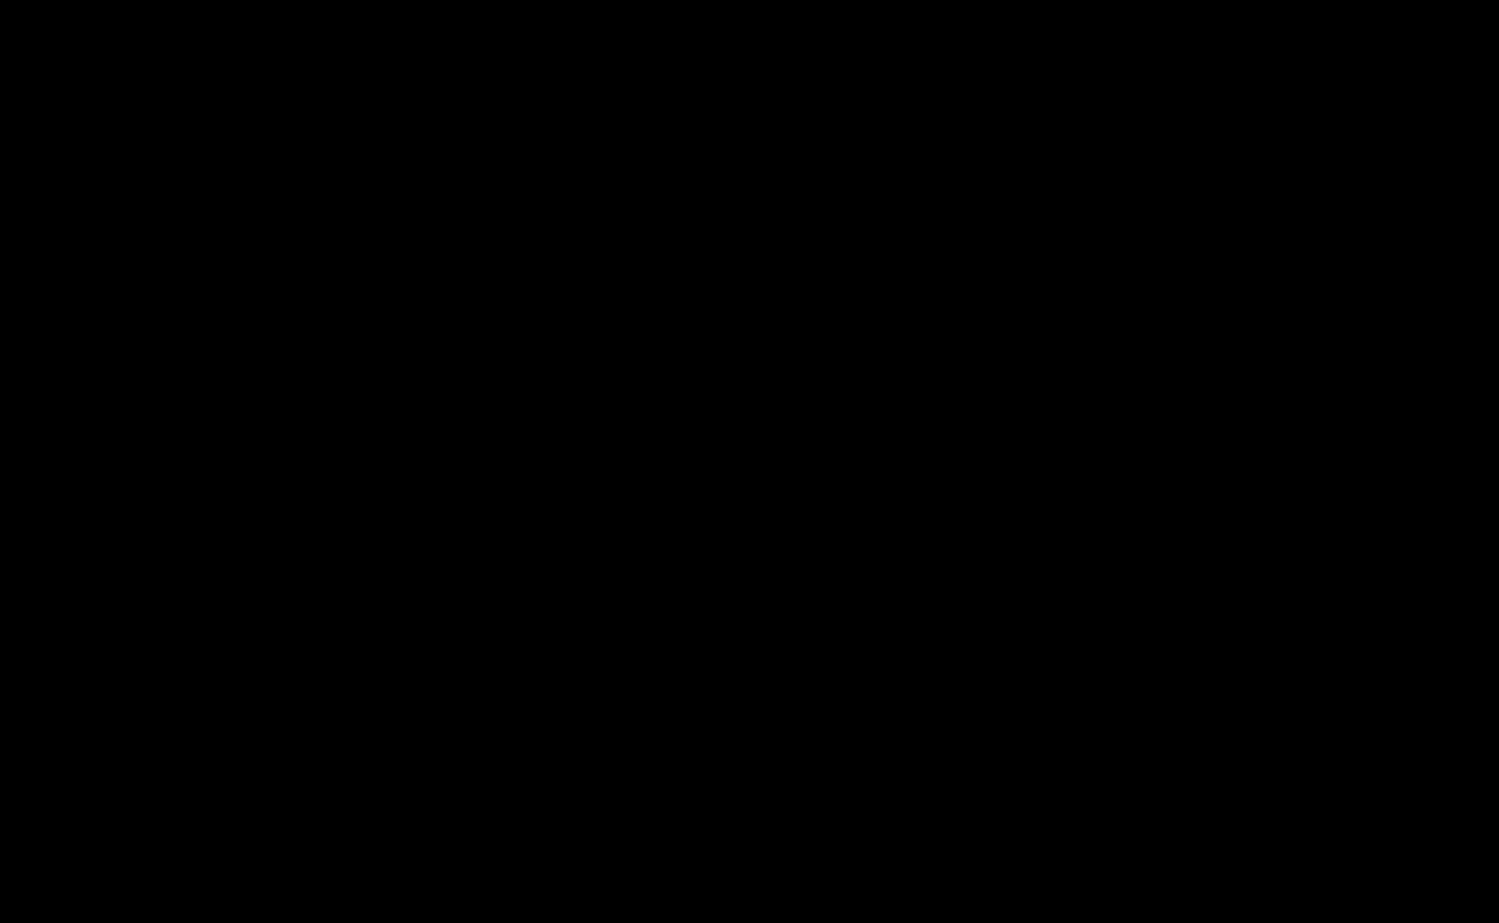 dsc_3942